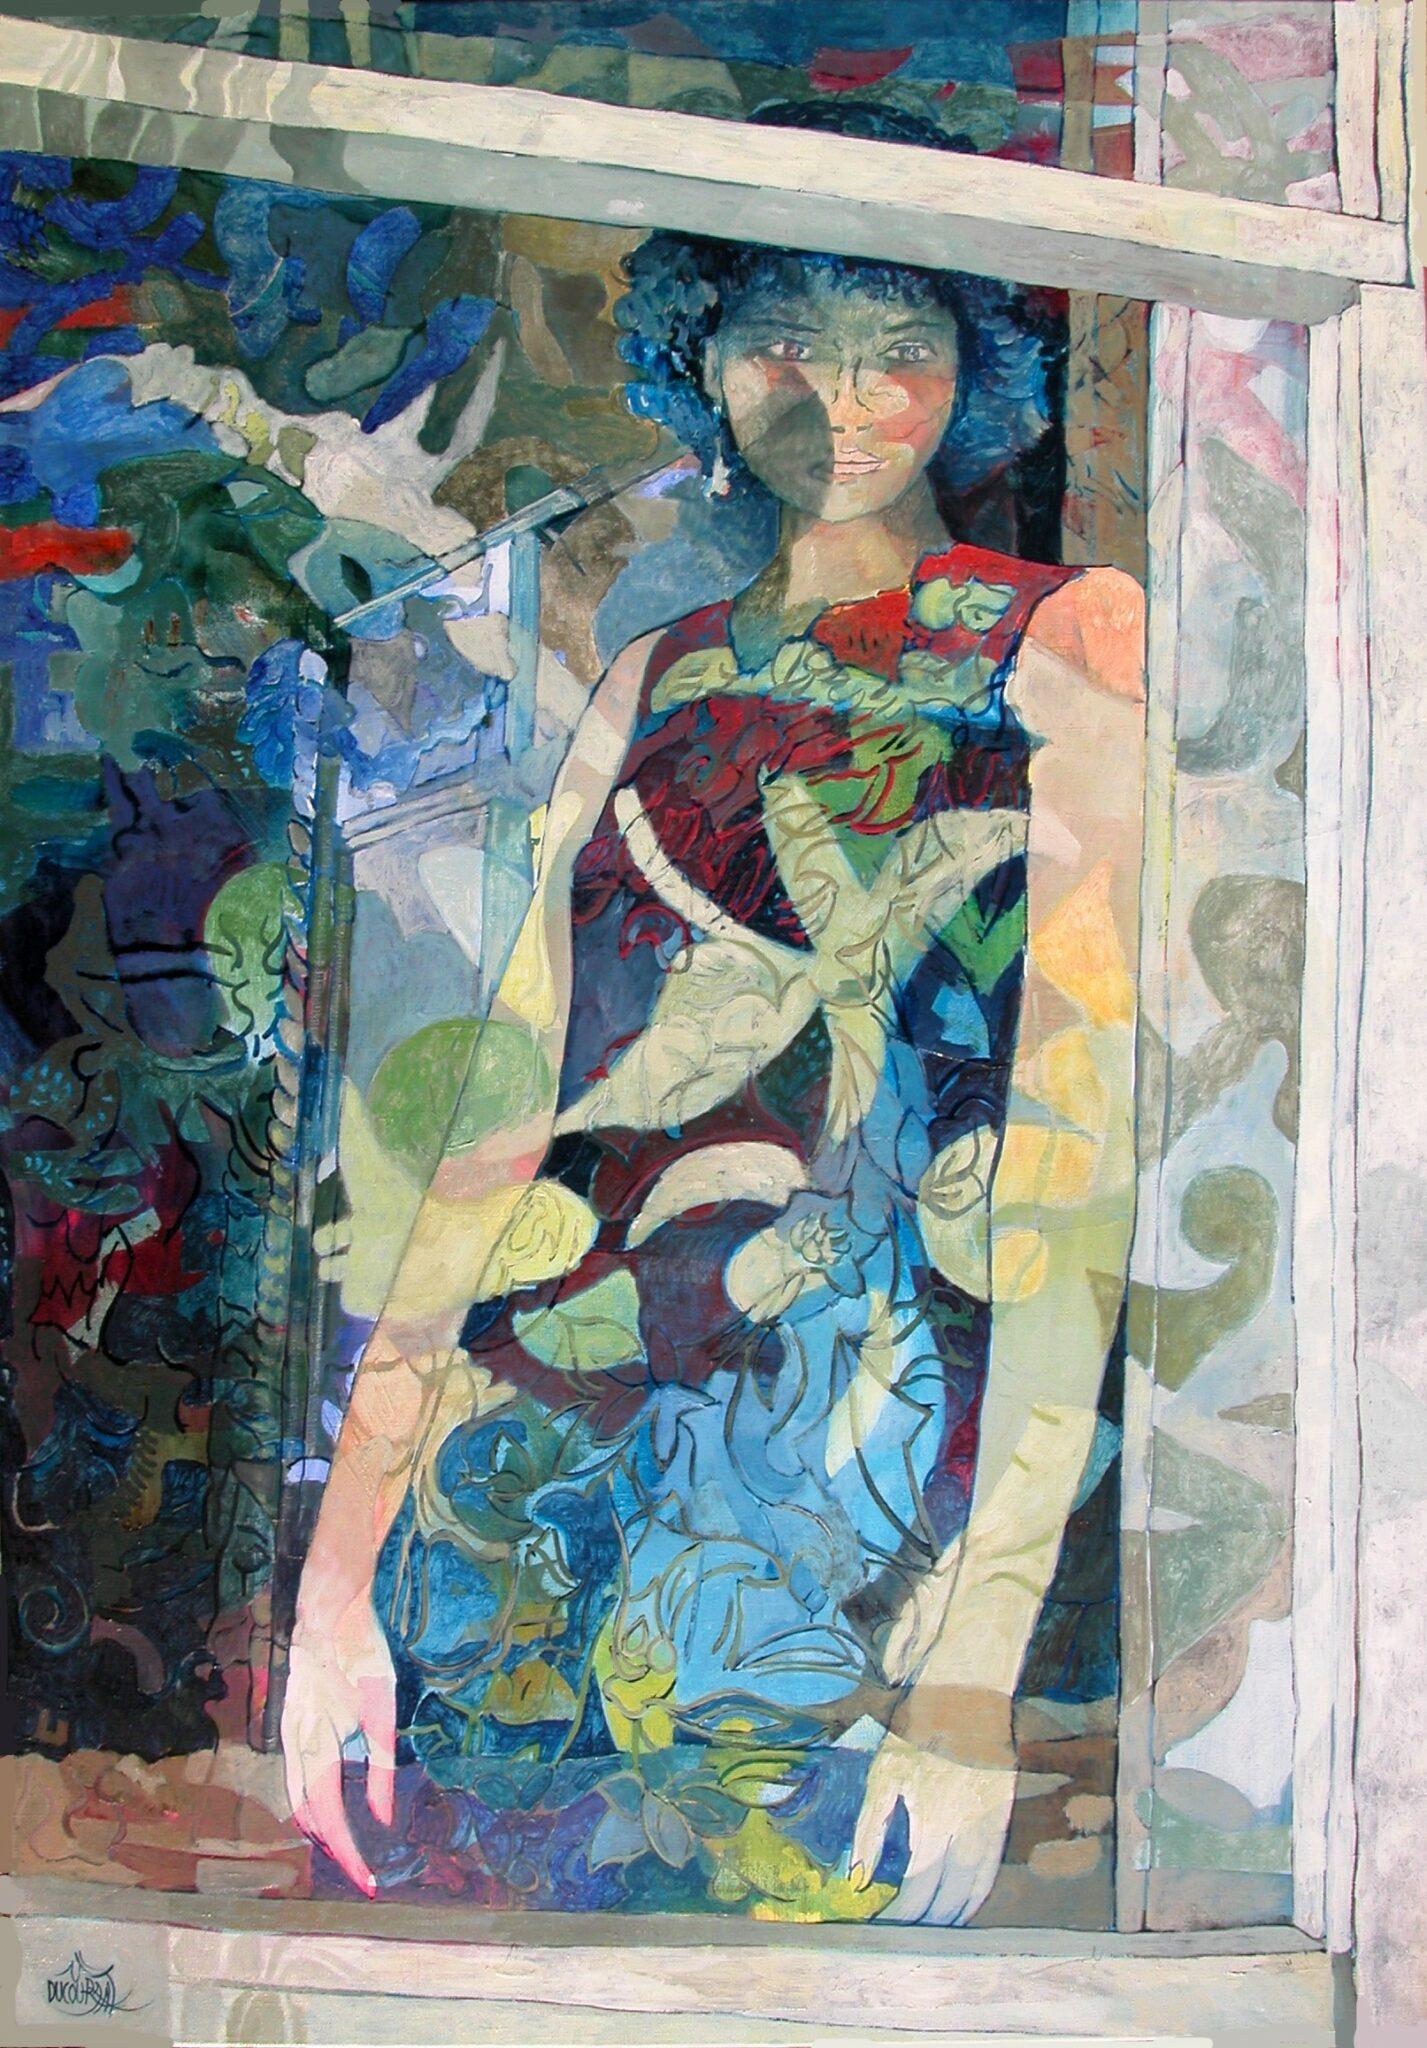 Les si doux reflets de la pensée - 116x81cm - 2014